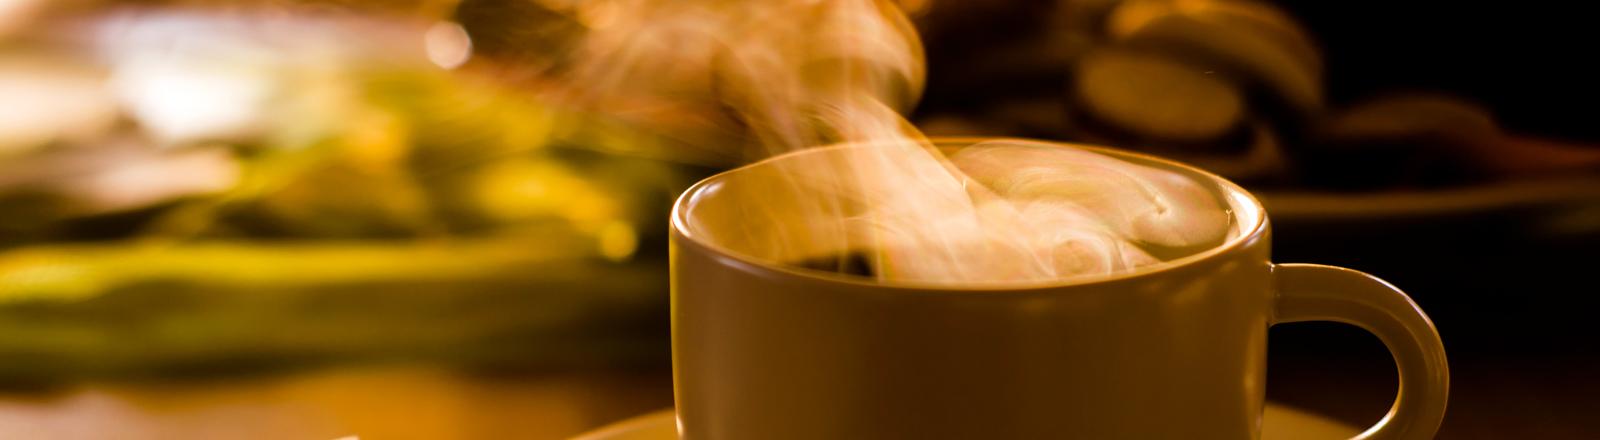 Kaffeedampf aus einer Tasse